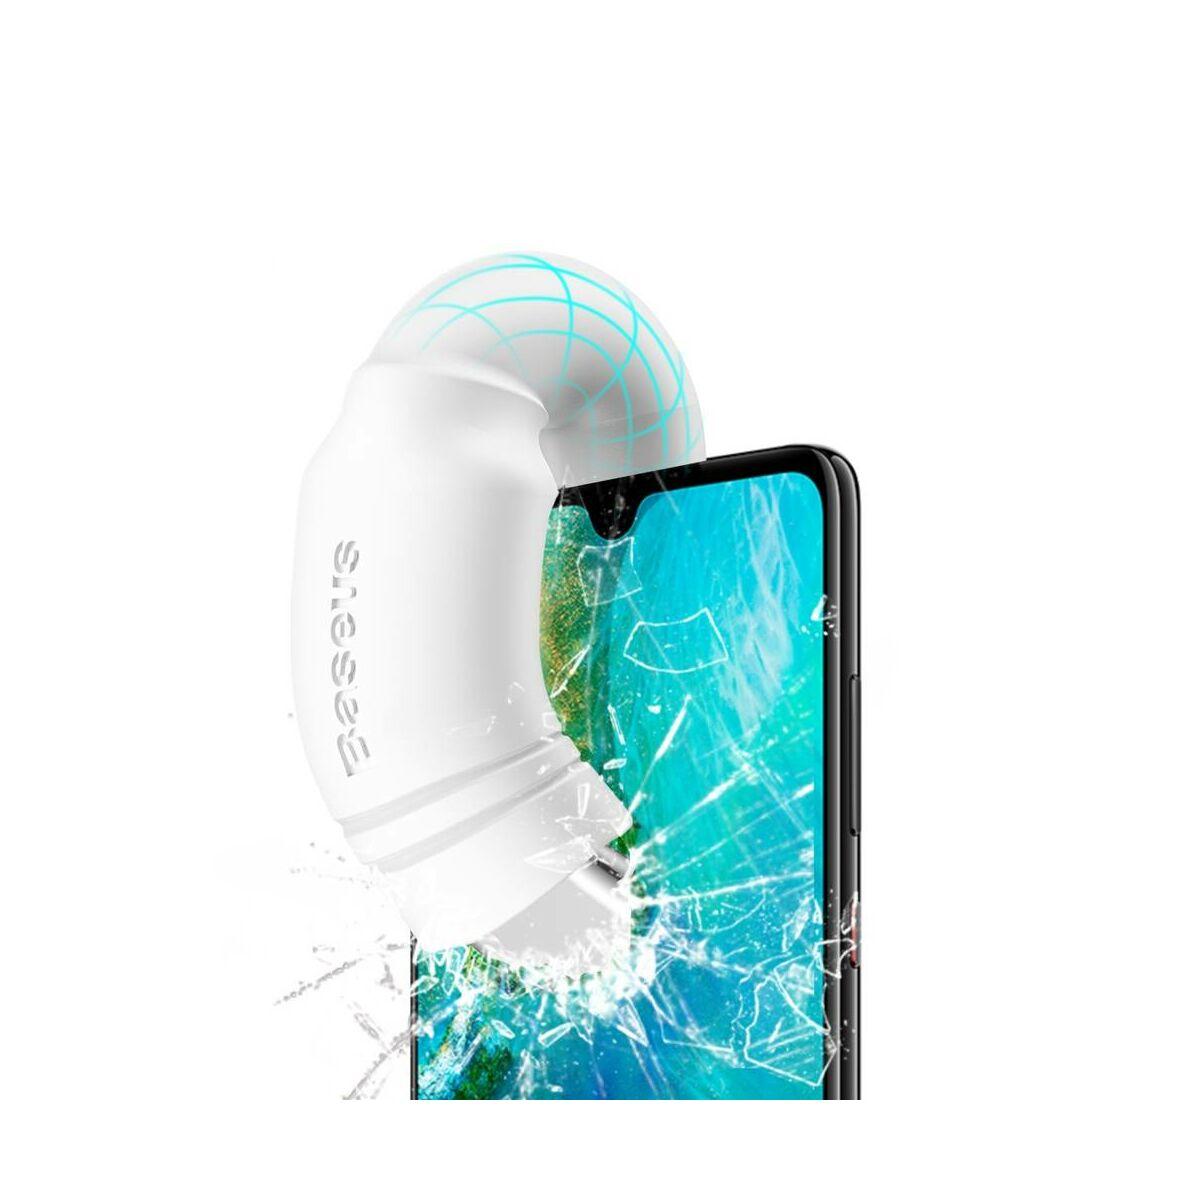 Baseus Type-C Double-ring Huawei gyors töltő/adat kábel 5A, 0.5m, fehér (CATSH-A02)